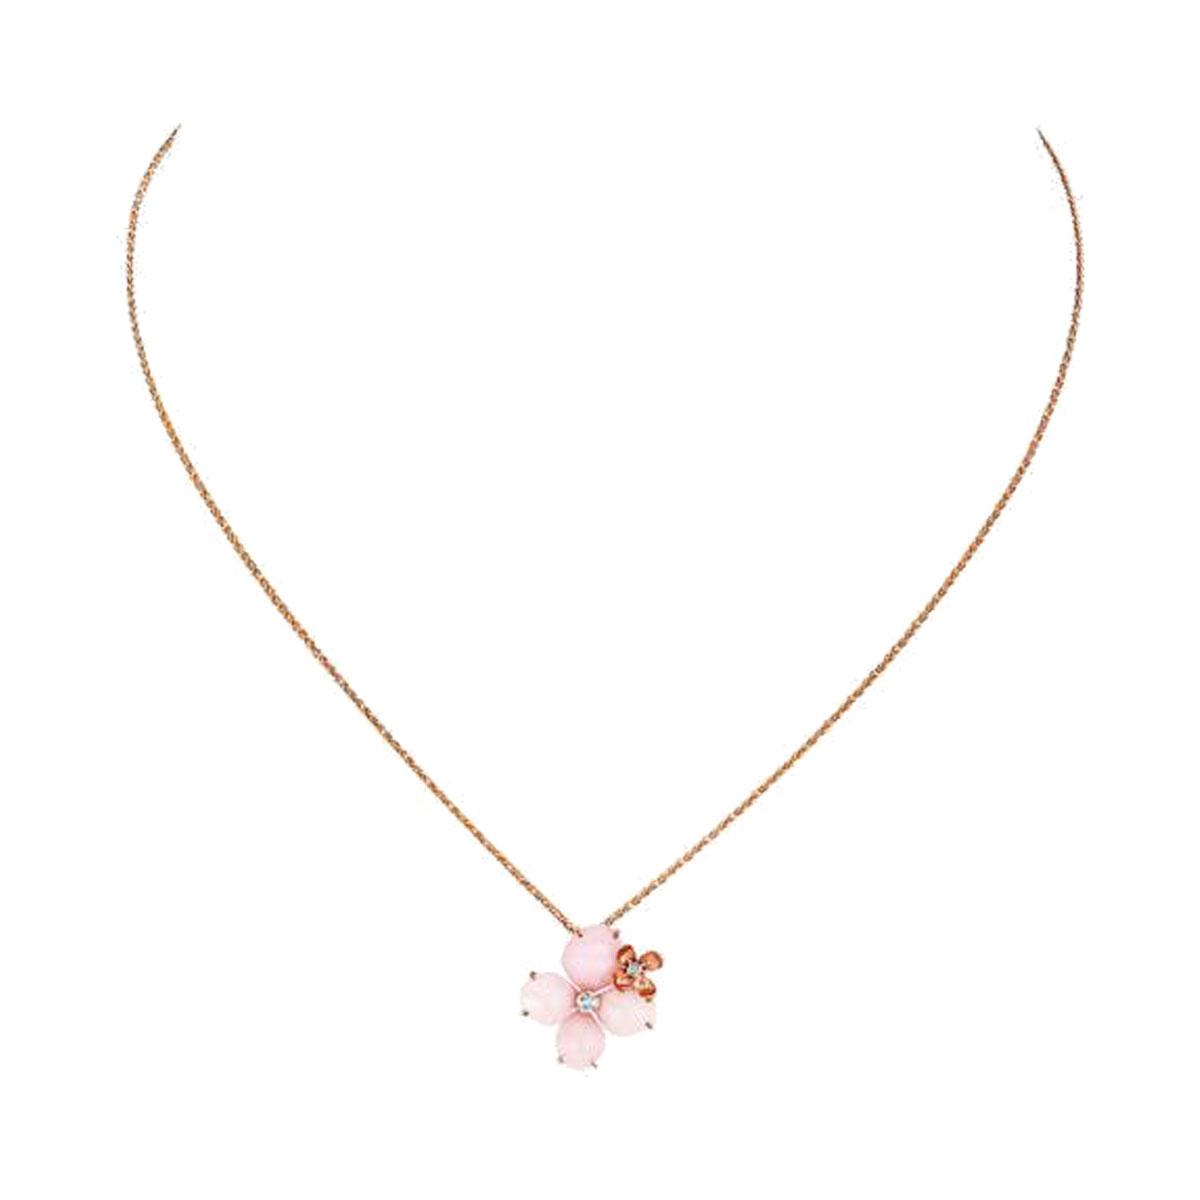 ペンダント〈PG、ダイヤモンド、ピンクオパール〉¥277,000